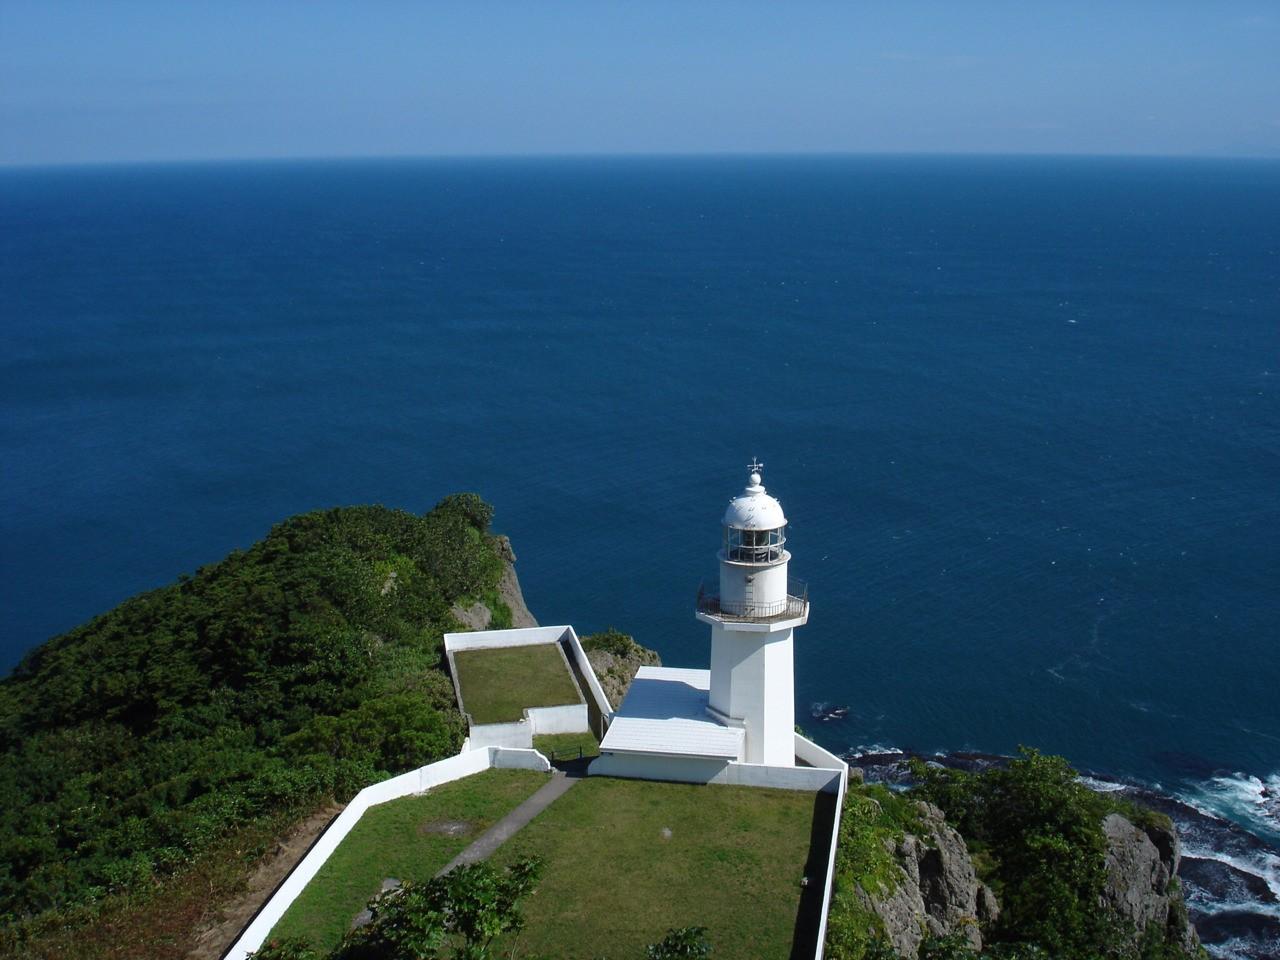 일본에서 보는 태평양